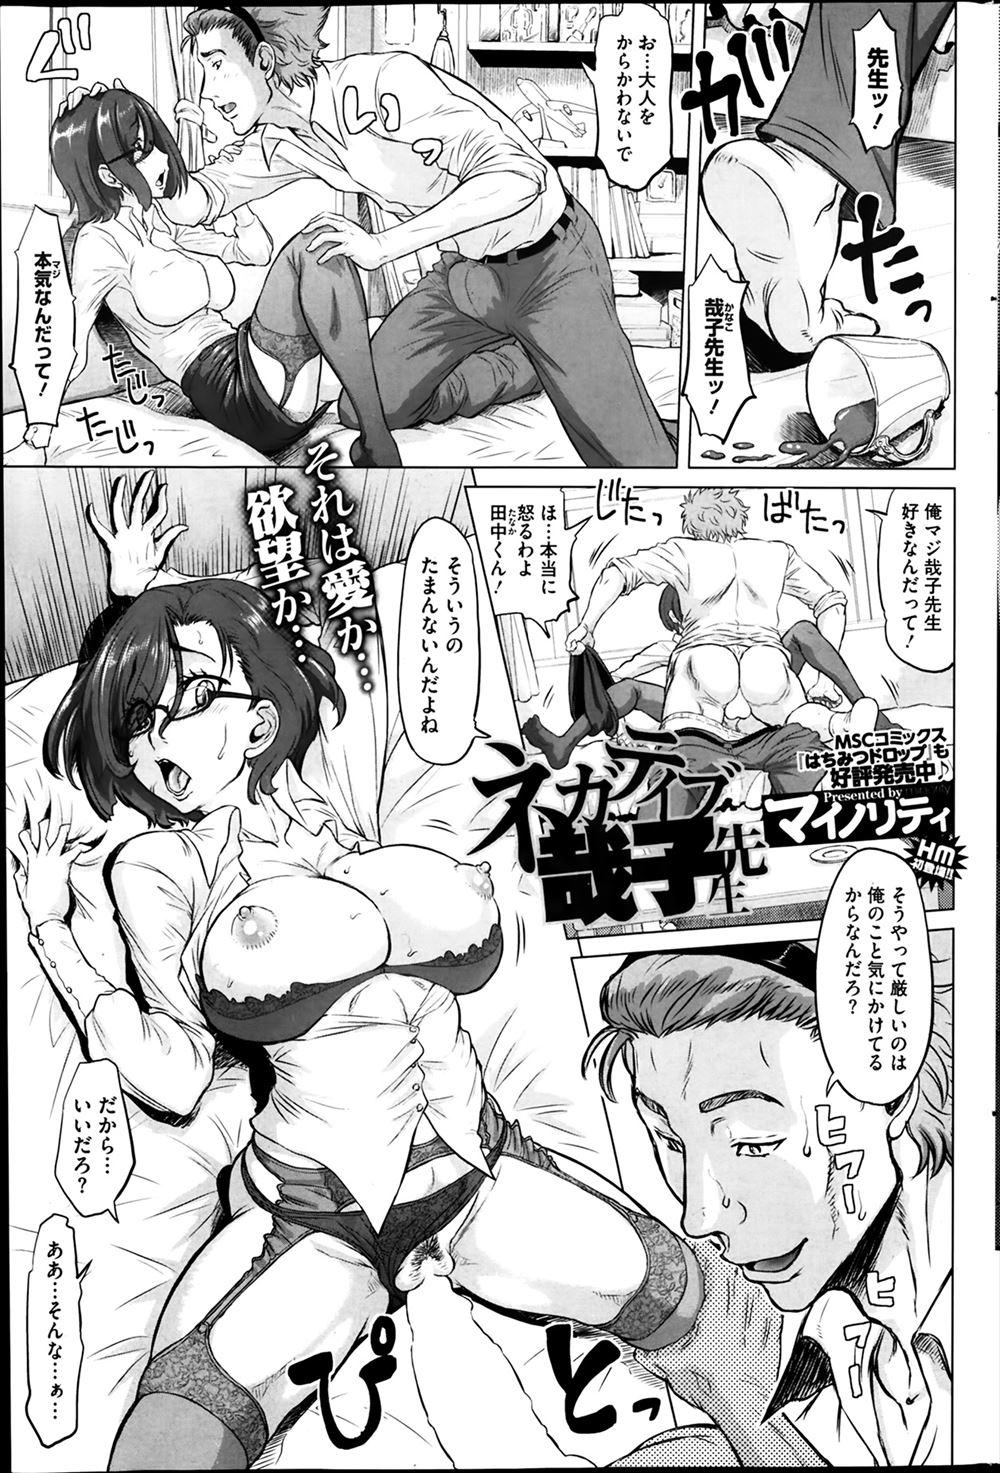 【エロ漫画】男子高校生のチンポが気持ちよすぎて言いなりになっちゃう淫乱女教師!【マイノリティ エロ同人】